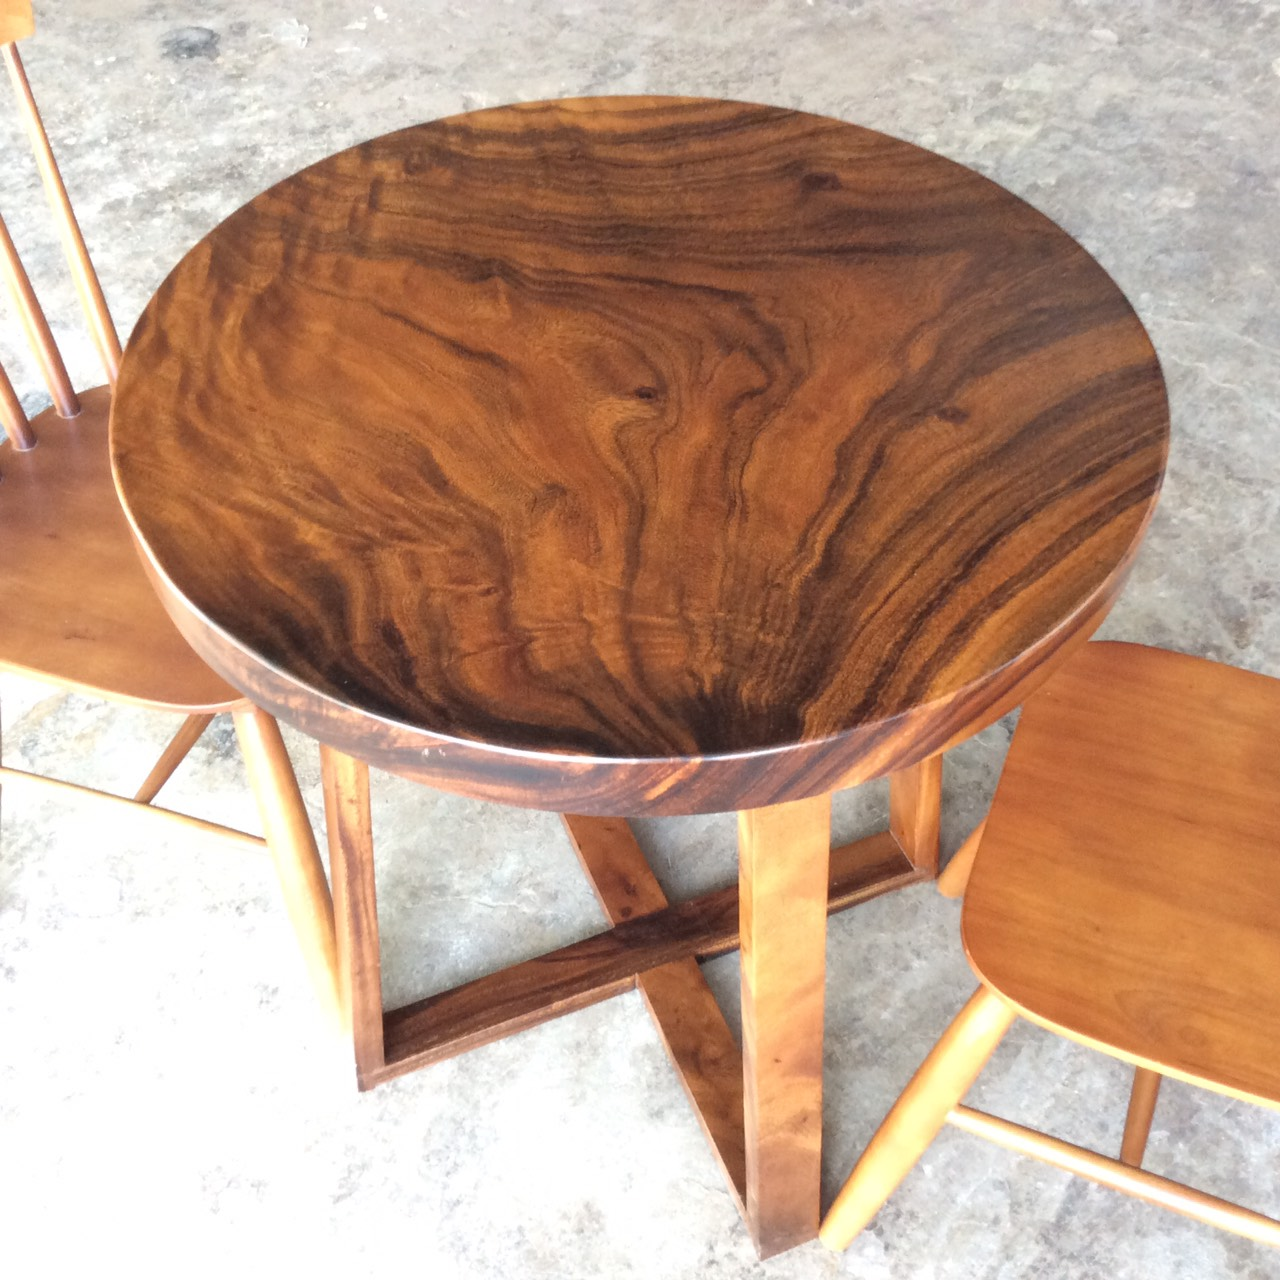 Tiết lộ mẫu bàn ăn nhỏ 2 ghế gỗ tự nhiên tuyệt đẹp với giá hấp dẫn.